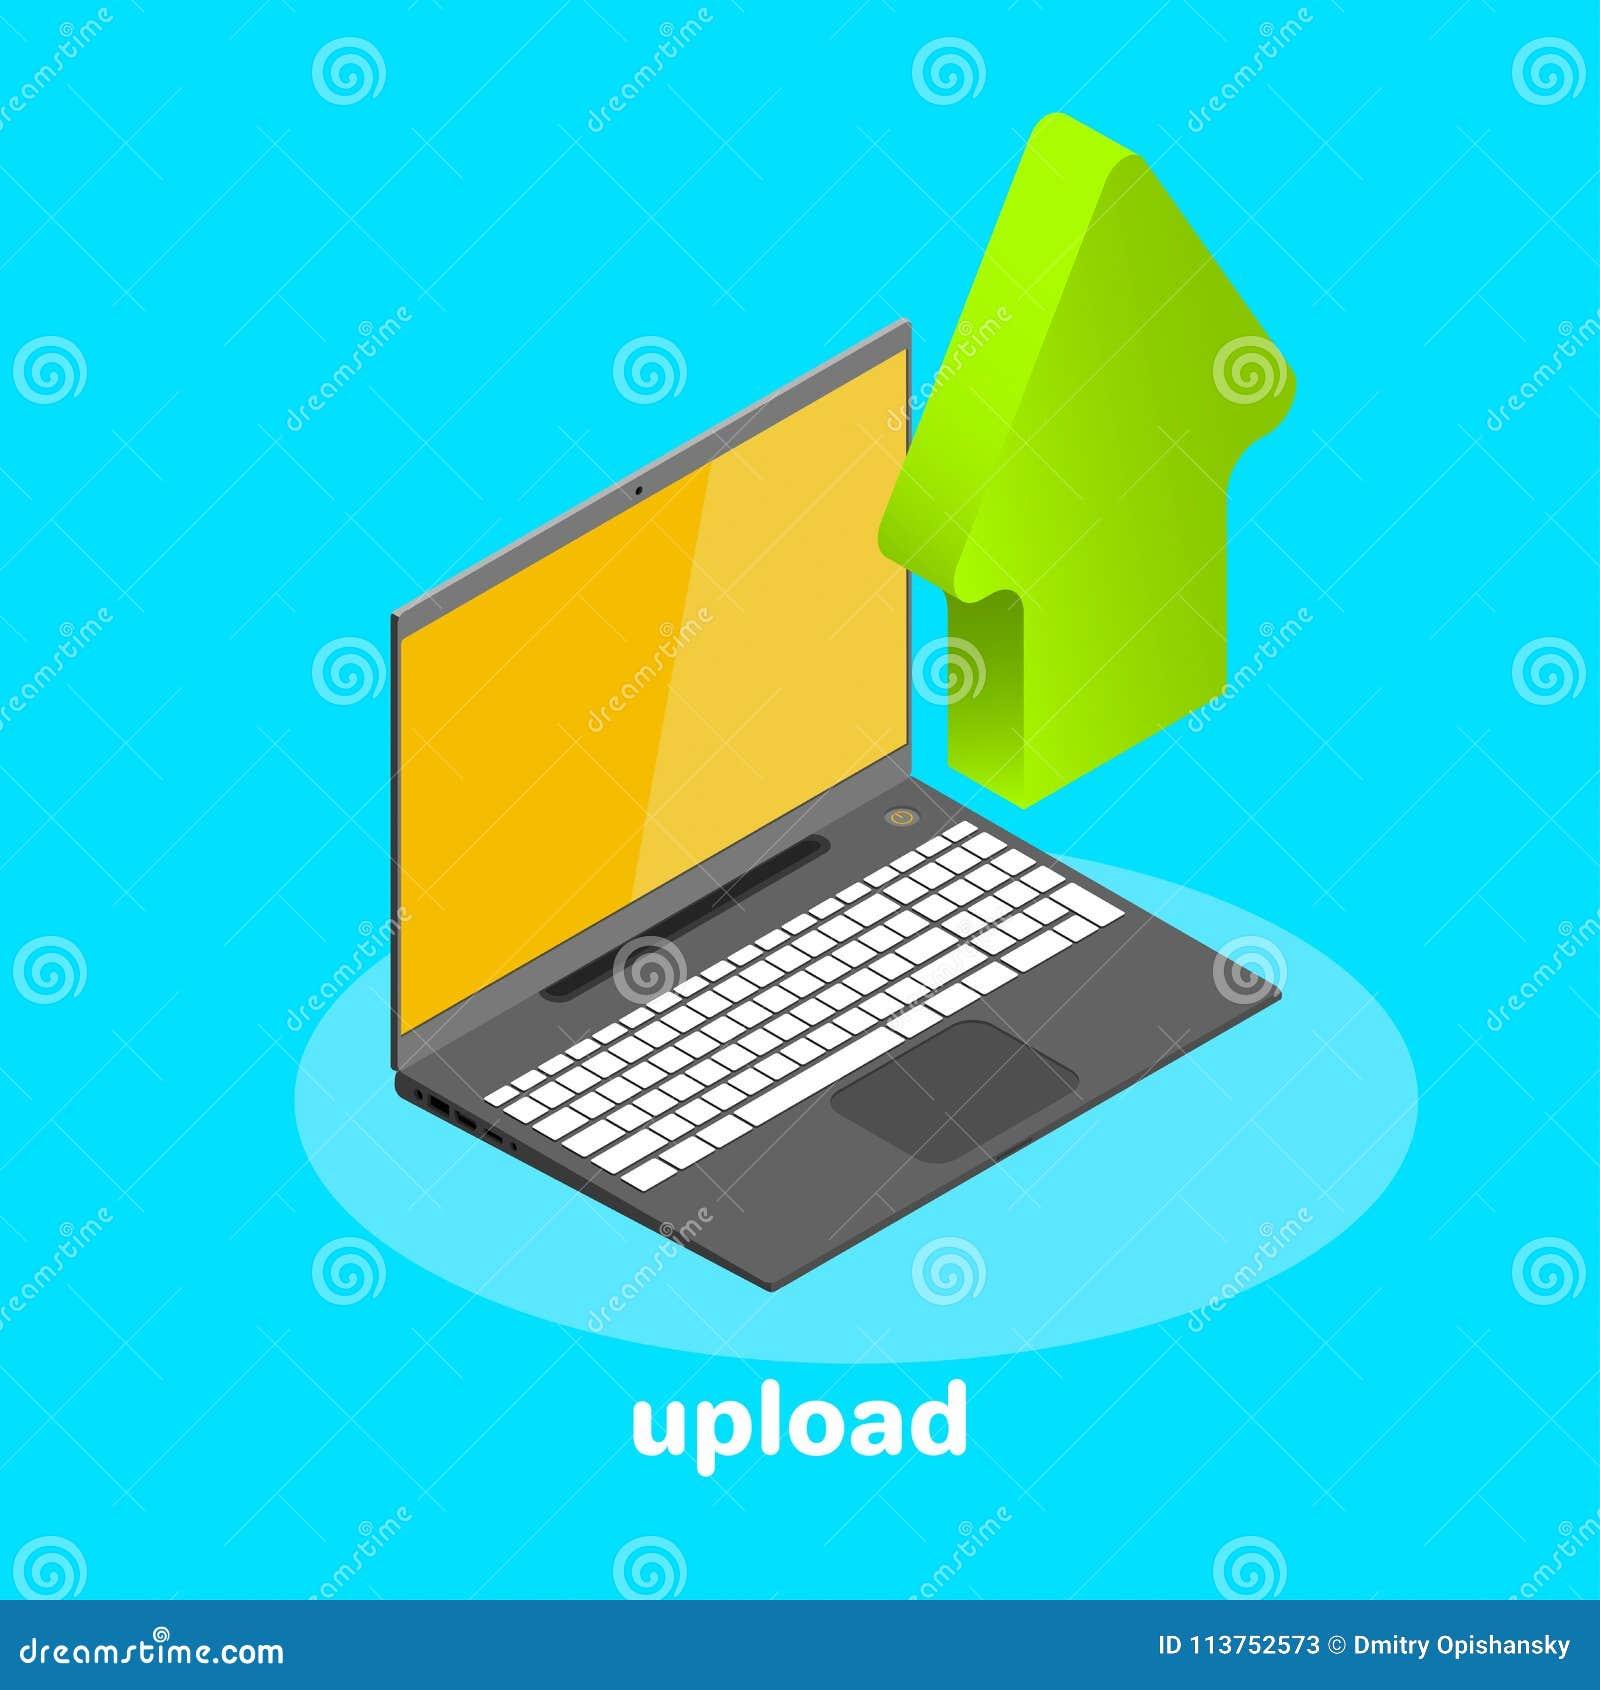 Isometric ikona, laptop i puszek strzała, upload cyfrowego